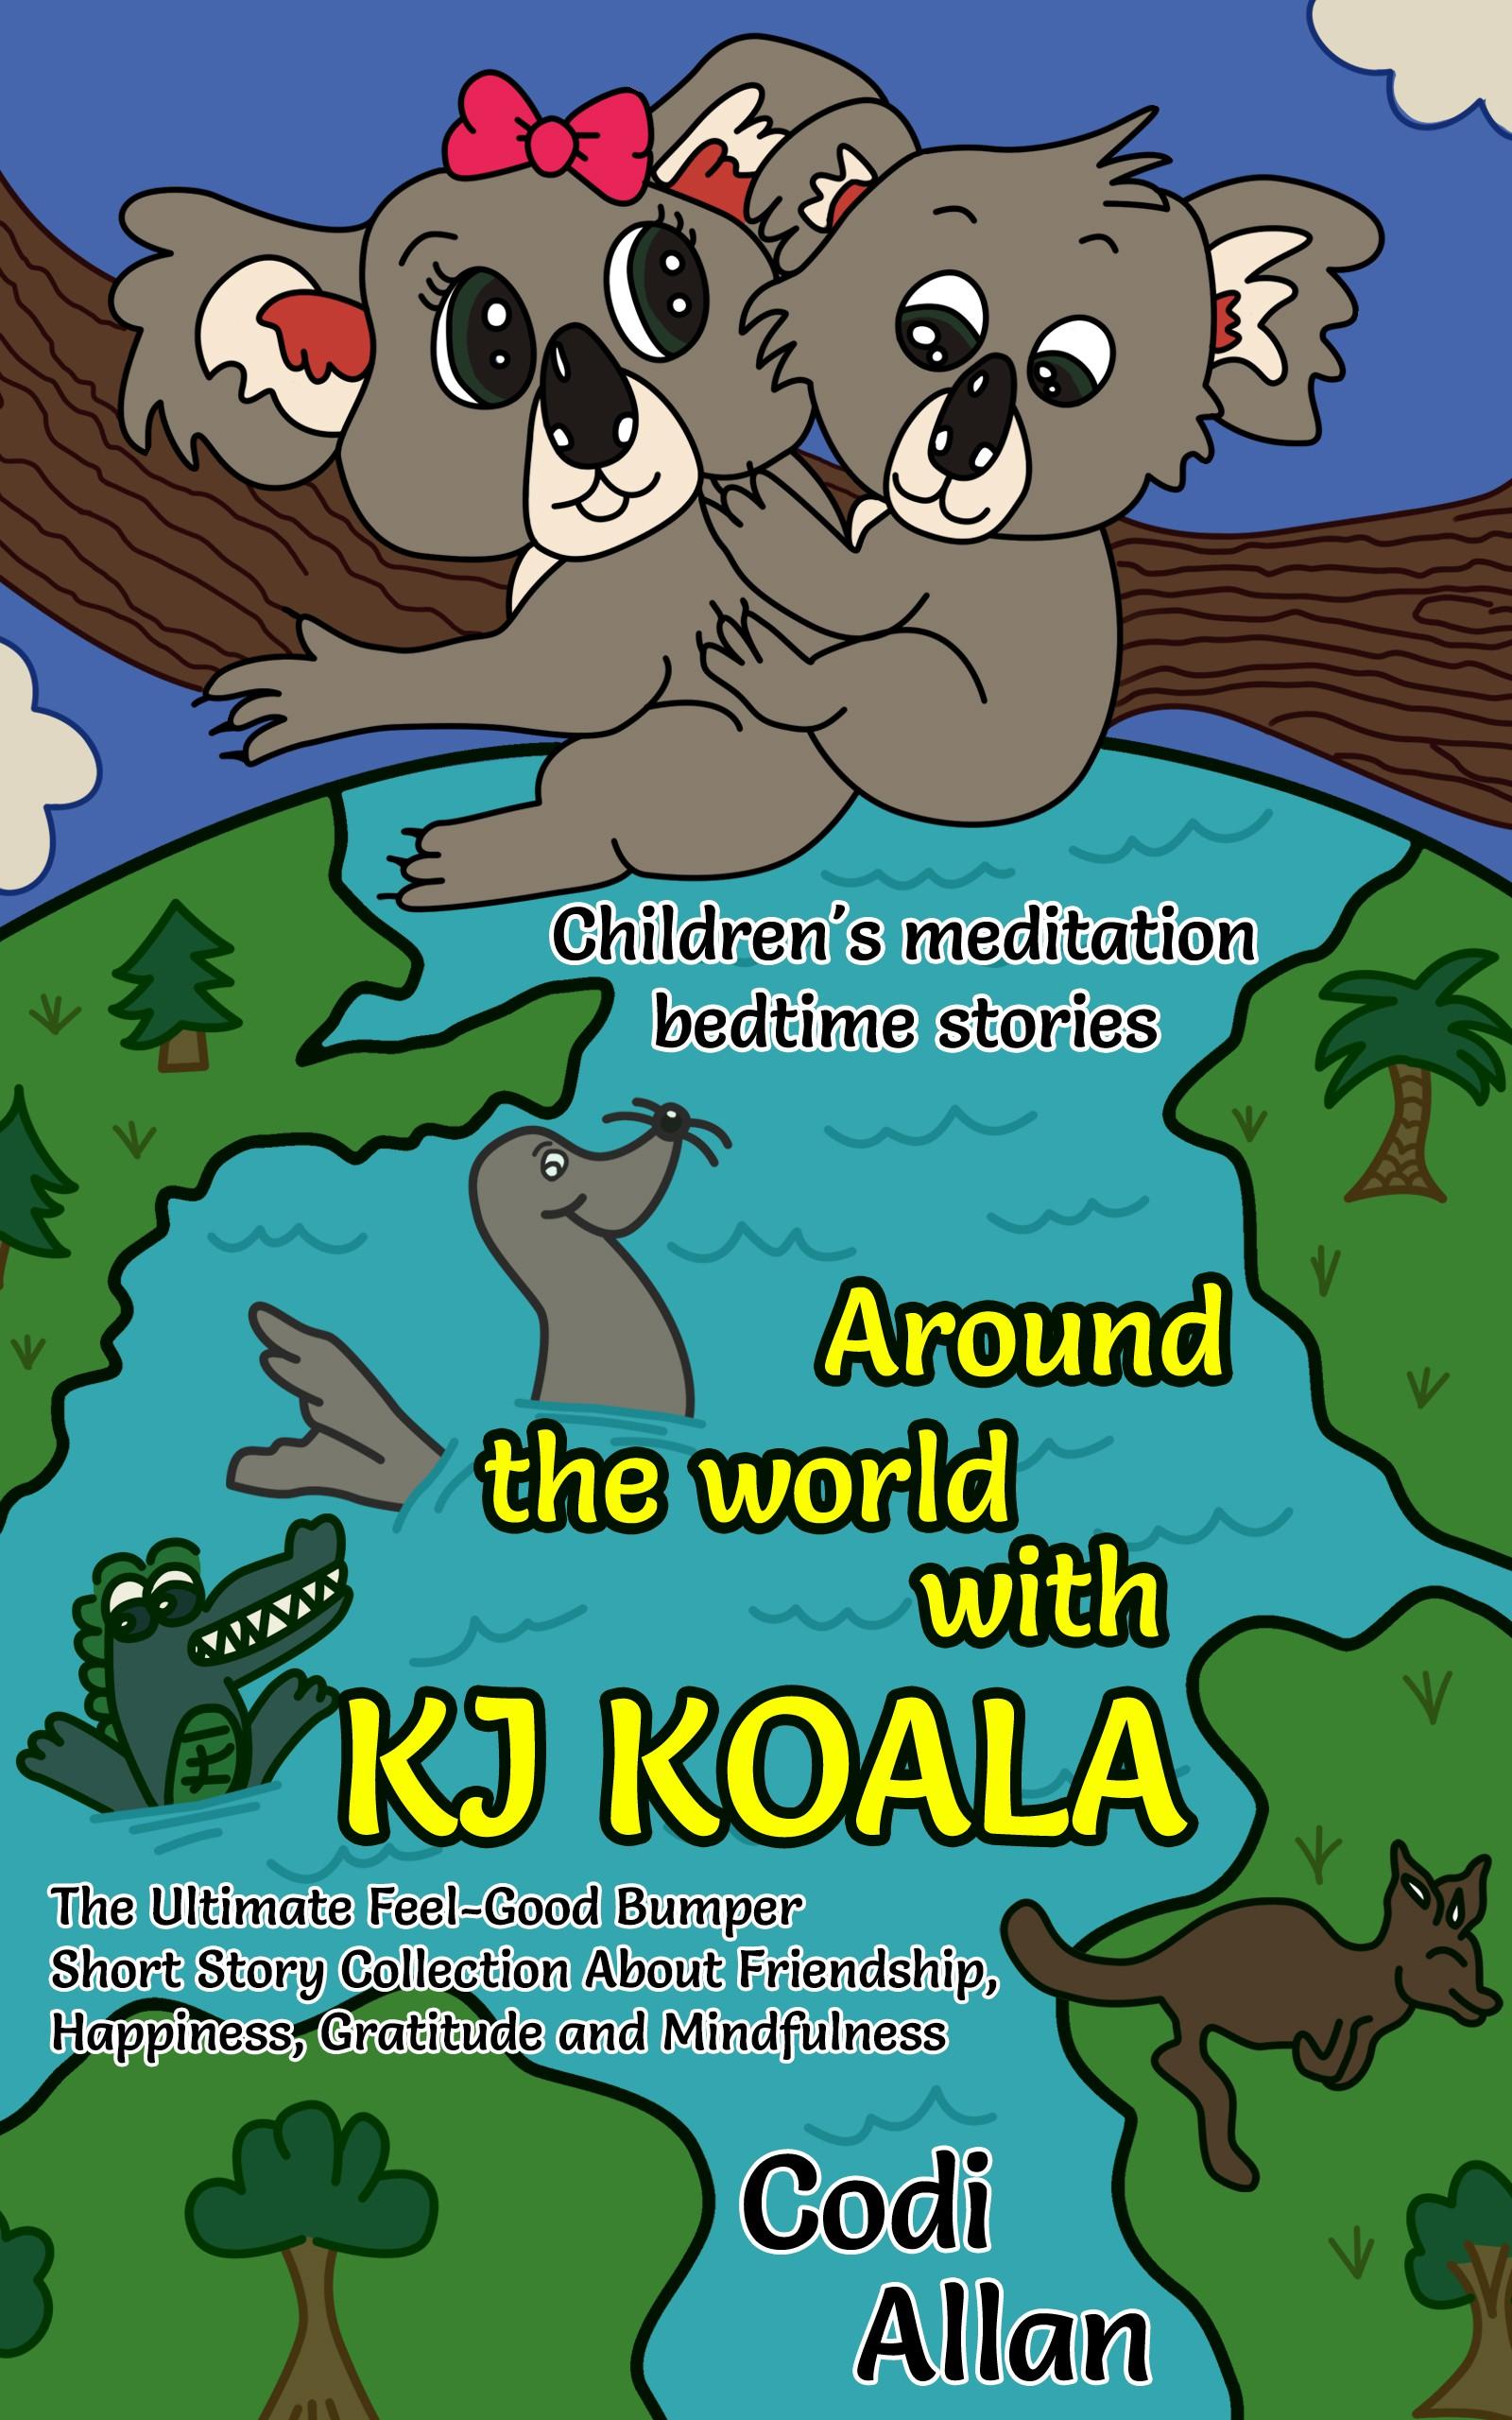 Children's meditation bedtime stories: Around the world with KJ Koala